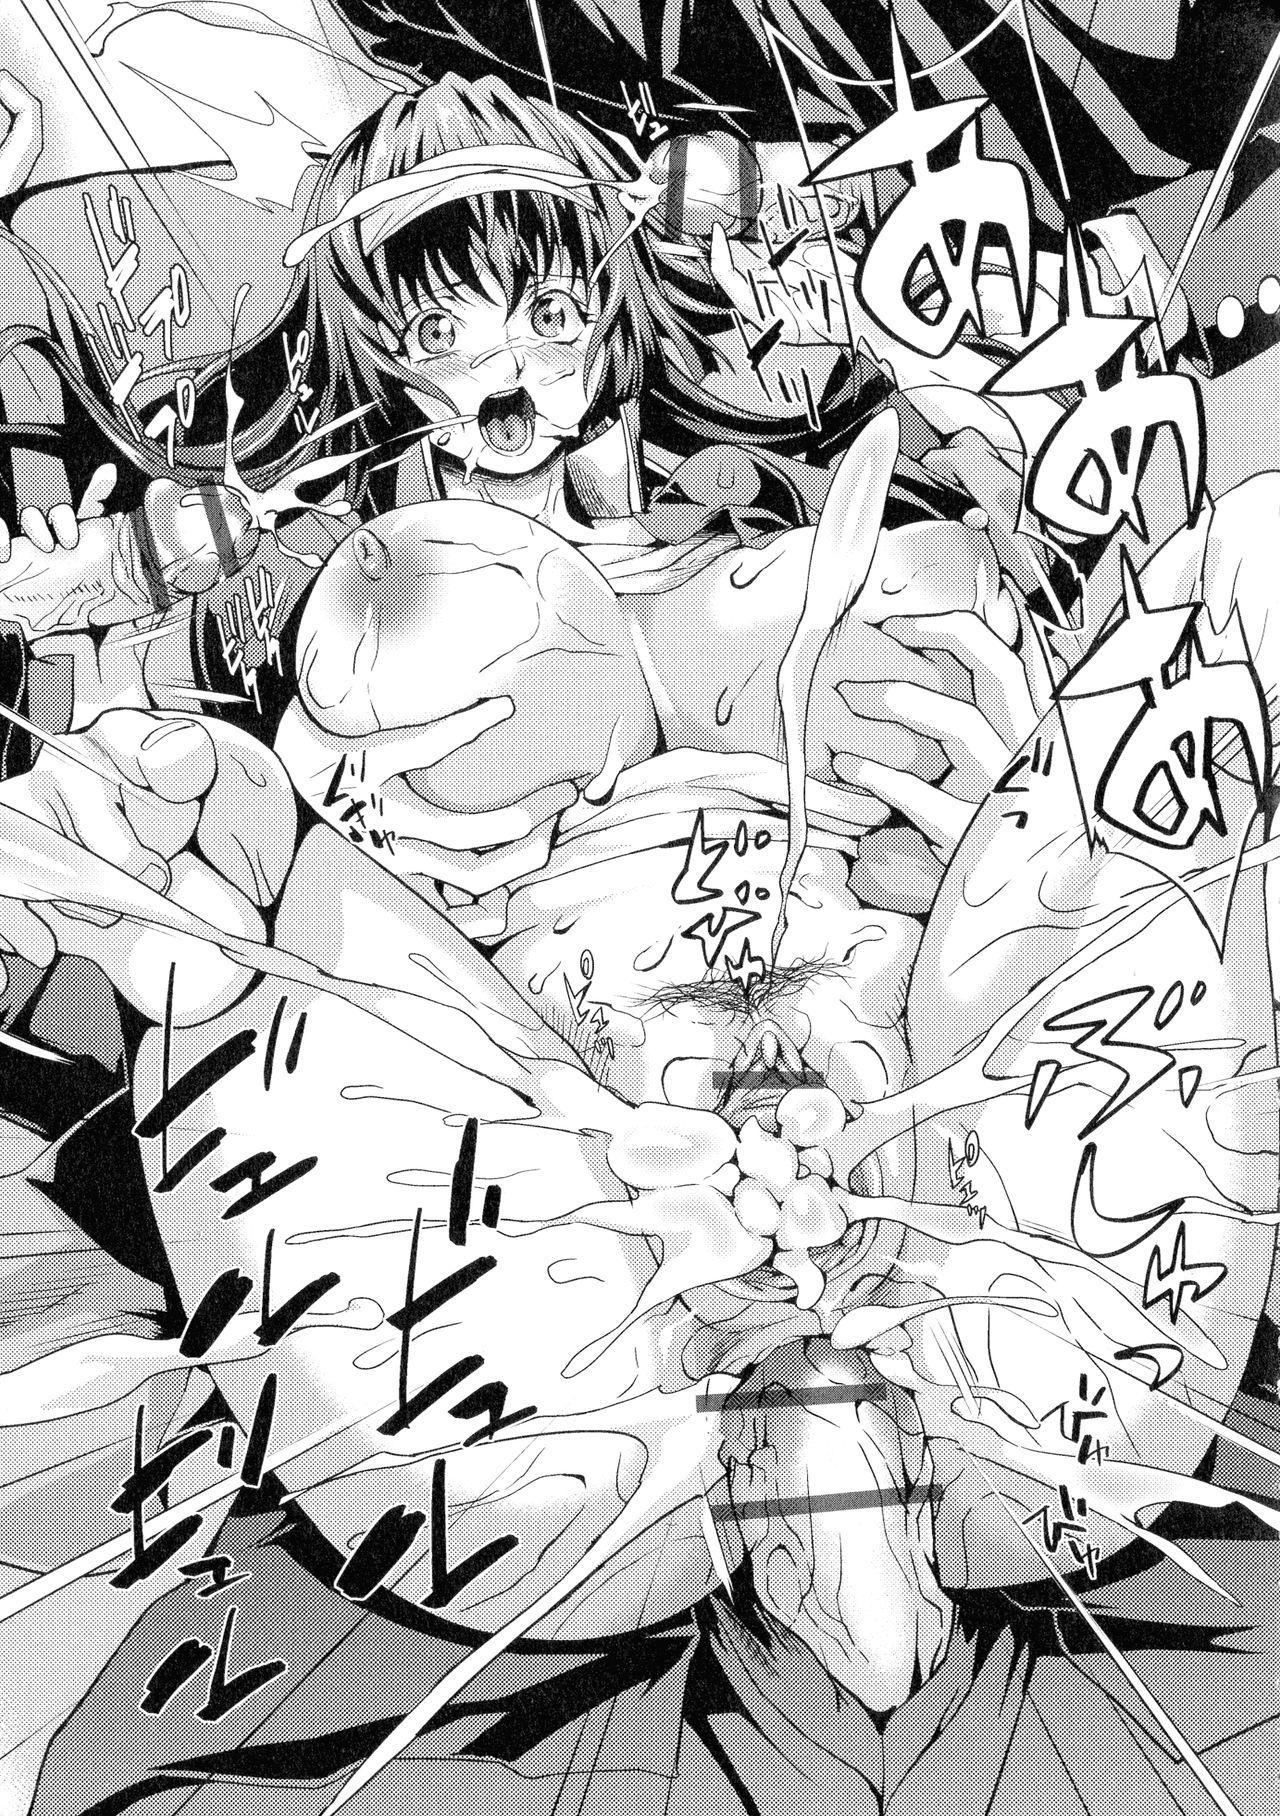 Futanari Tsunagari - Androgynos Sexual intercourse 111